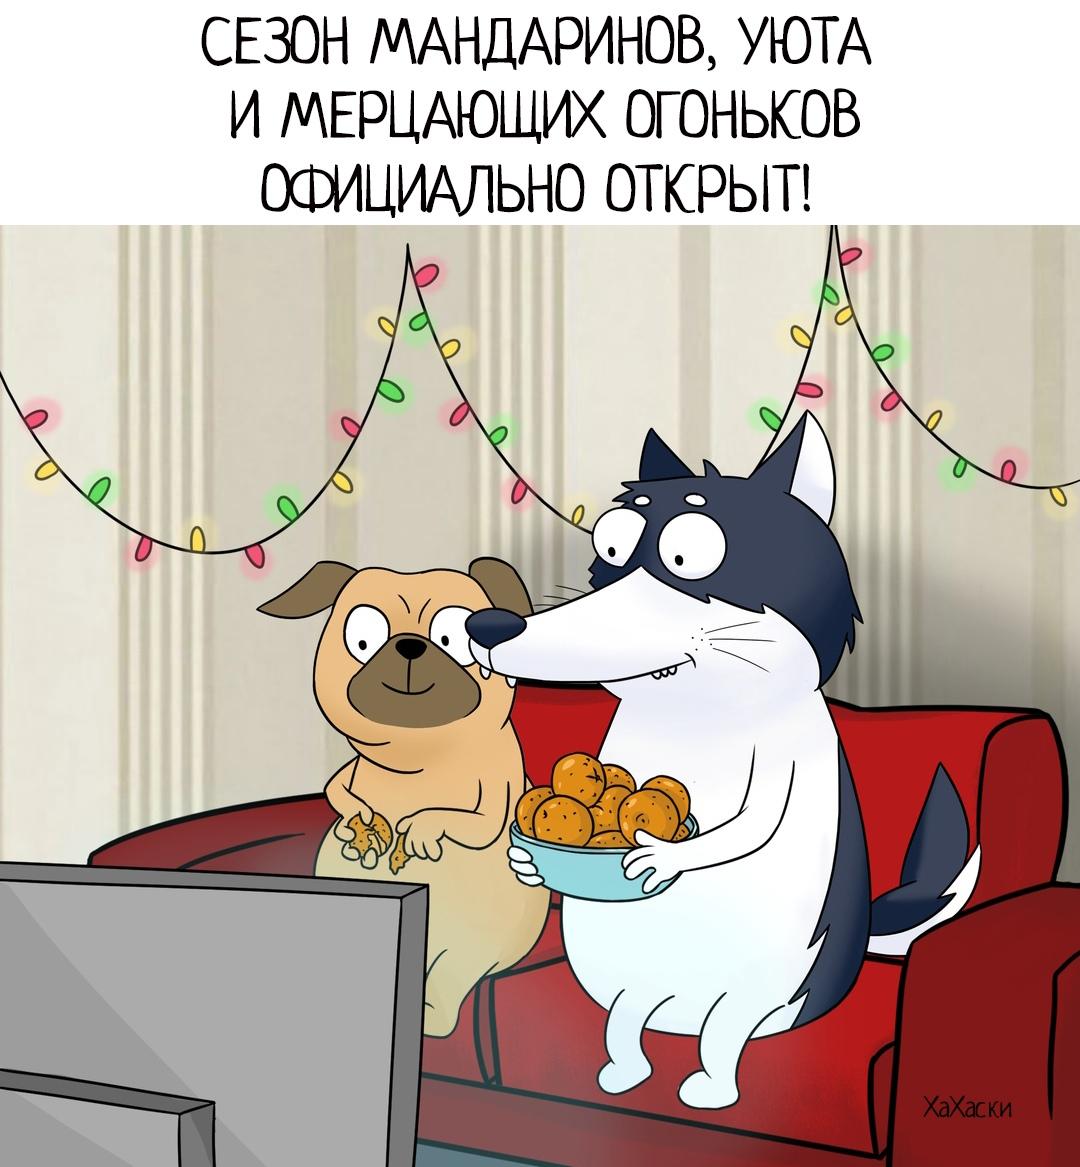 https://pp.userapi.com/c845218/v845218630/14385f/0FE3vzNM8LQ.jpg